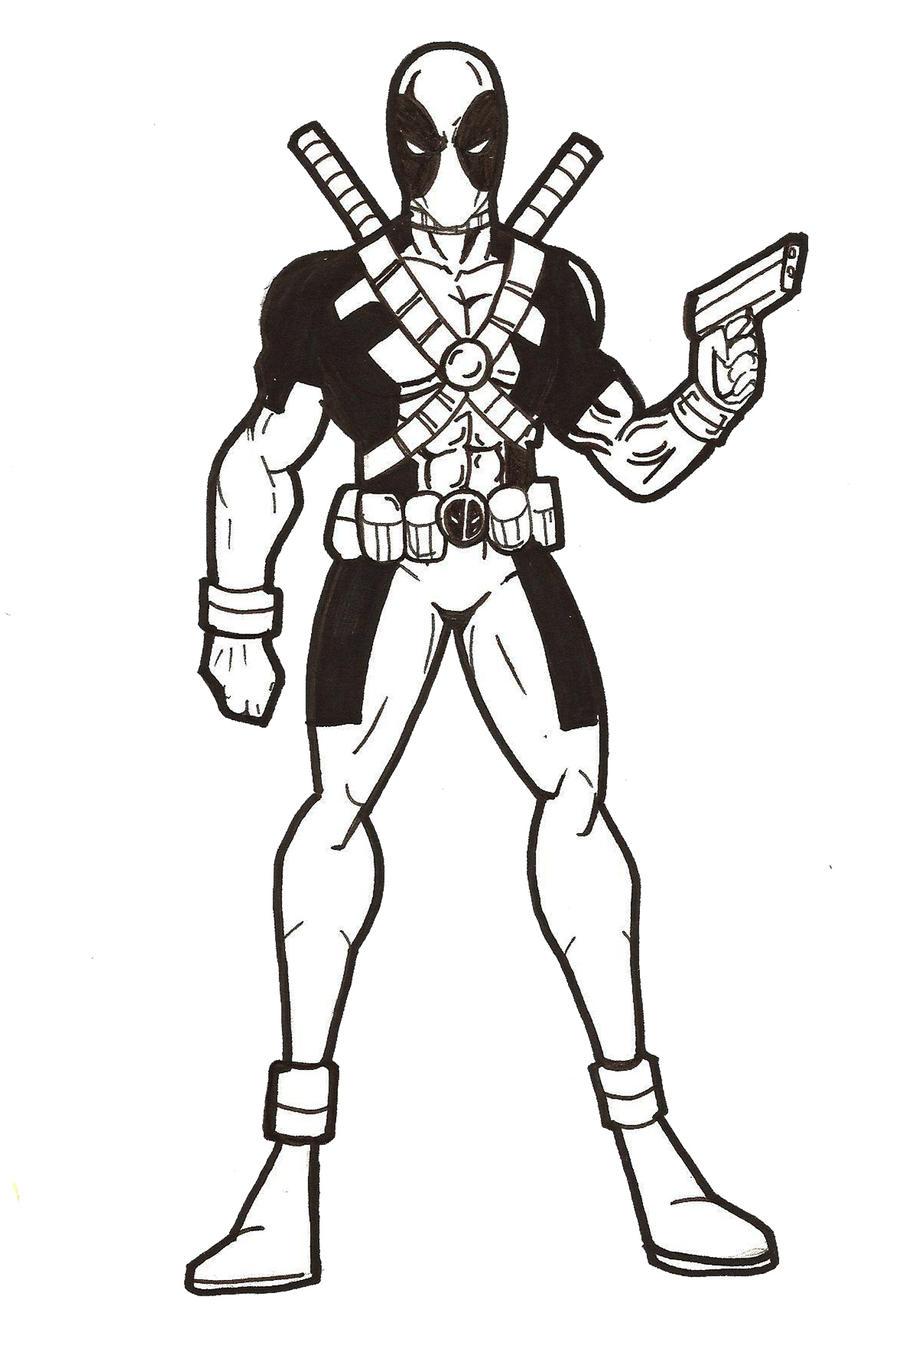 Marvel Deadpool Ausmalbilder Gratis: Deadpool Preview By RWhitney75 On DeviantArt